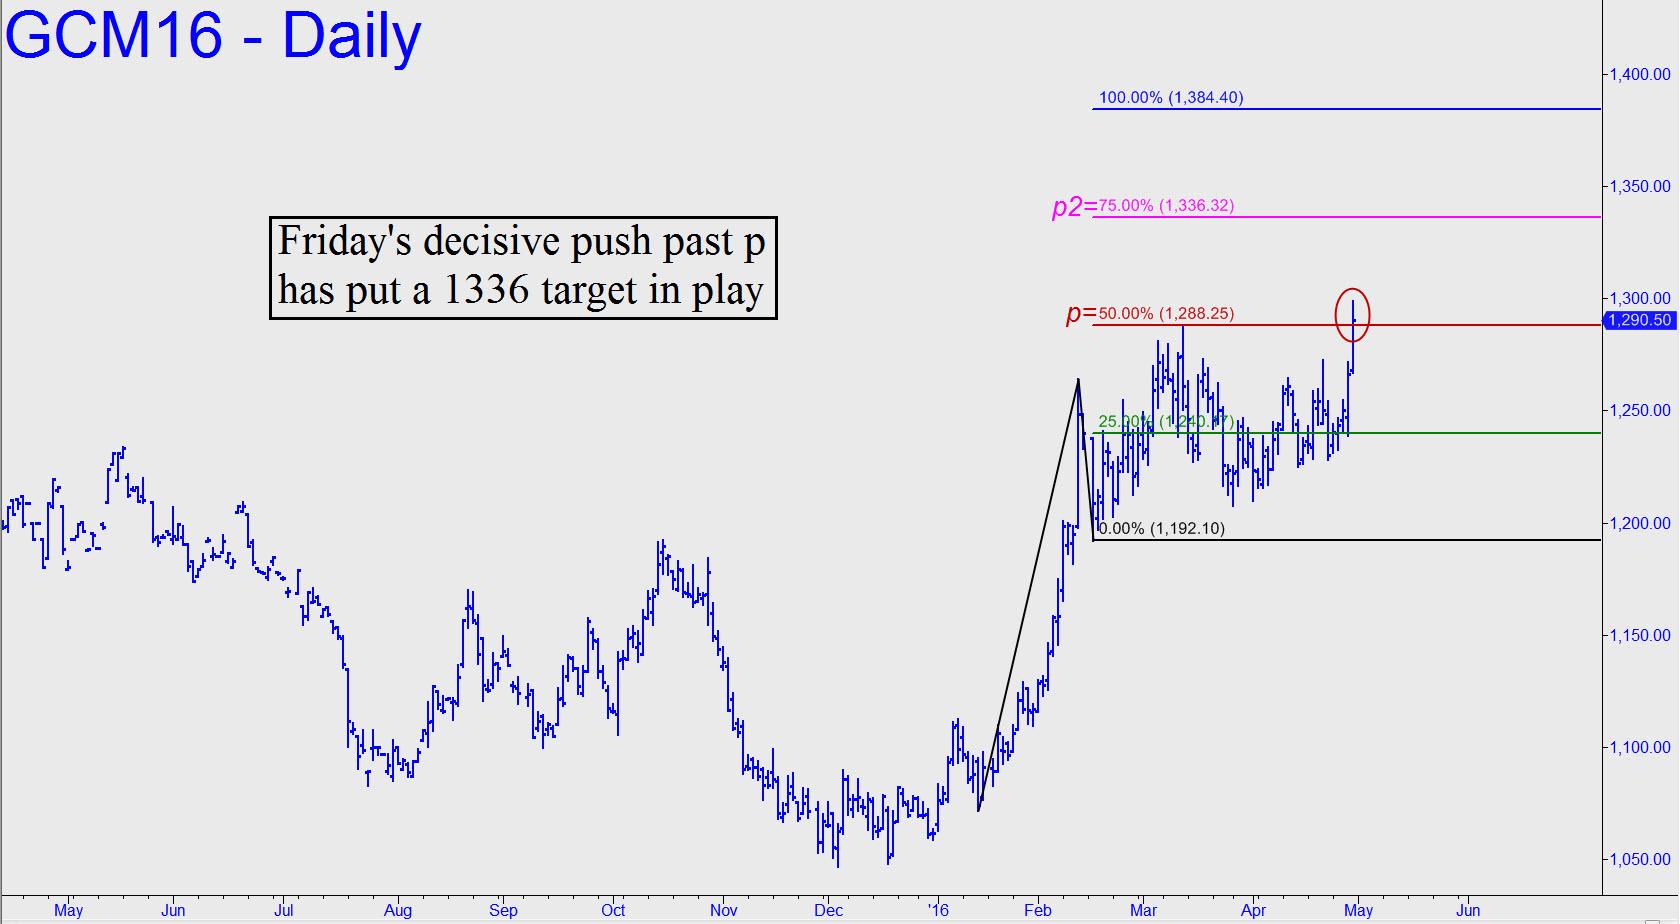 prix de l'or, de l'argent et des minières / suivi 2015 et ultérieurement - Page 6 Fridays-decisive-push-past-p